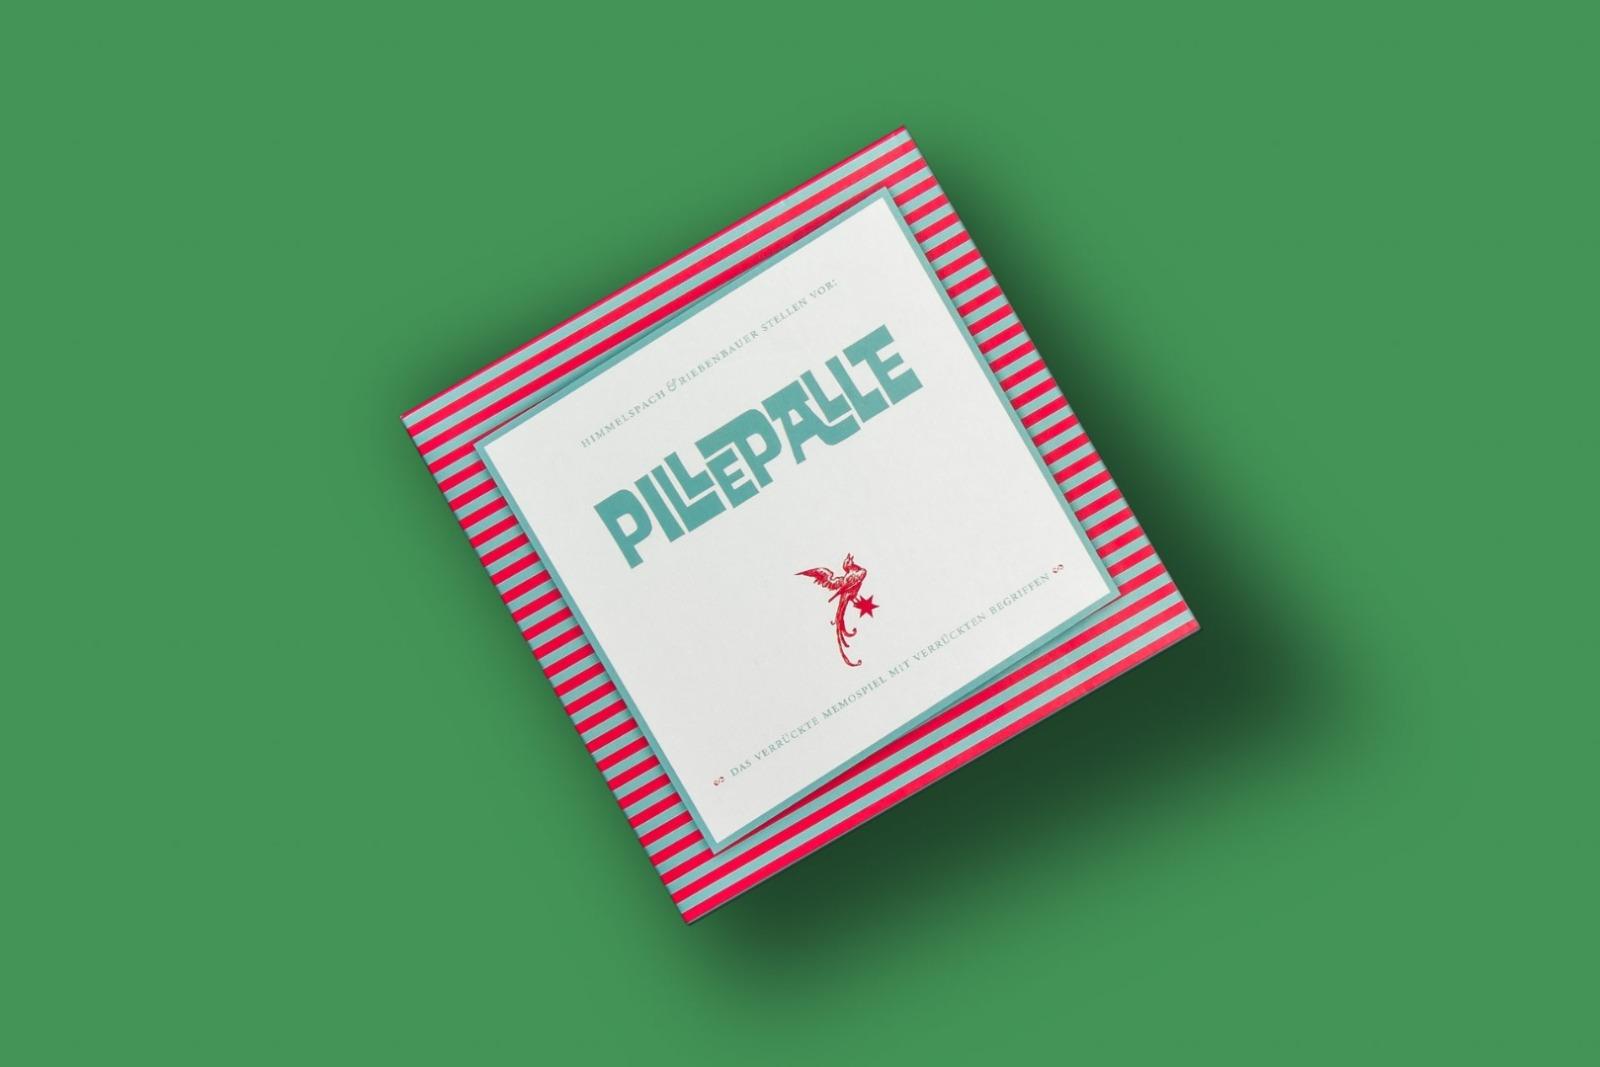 PILLEPALLE